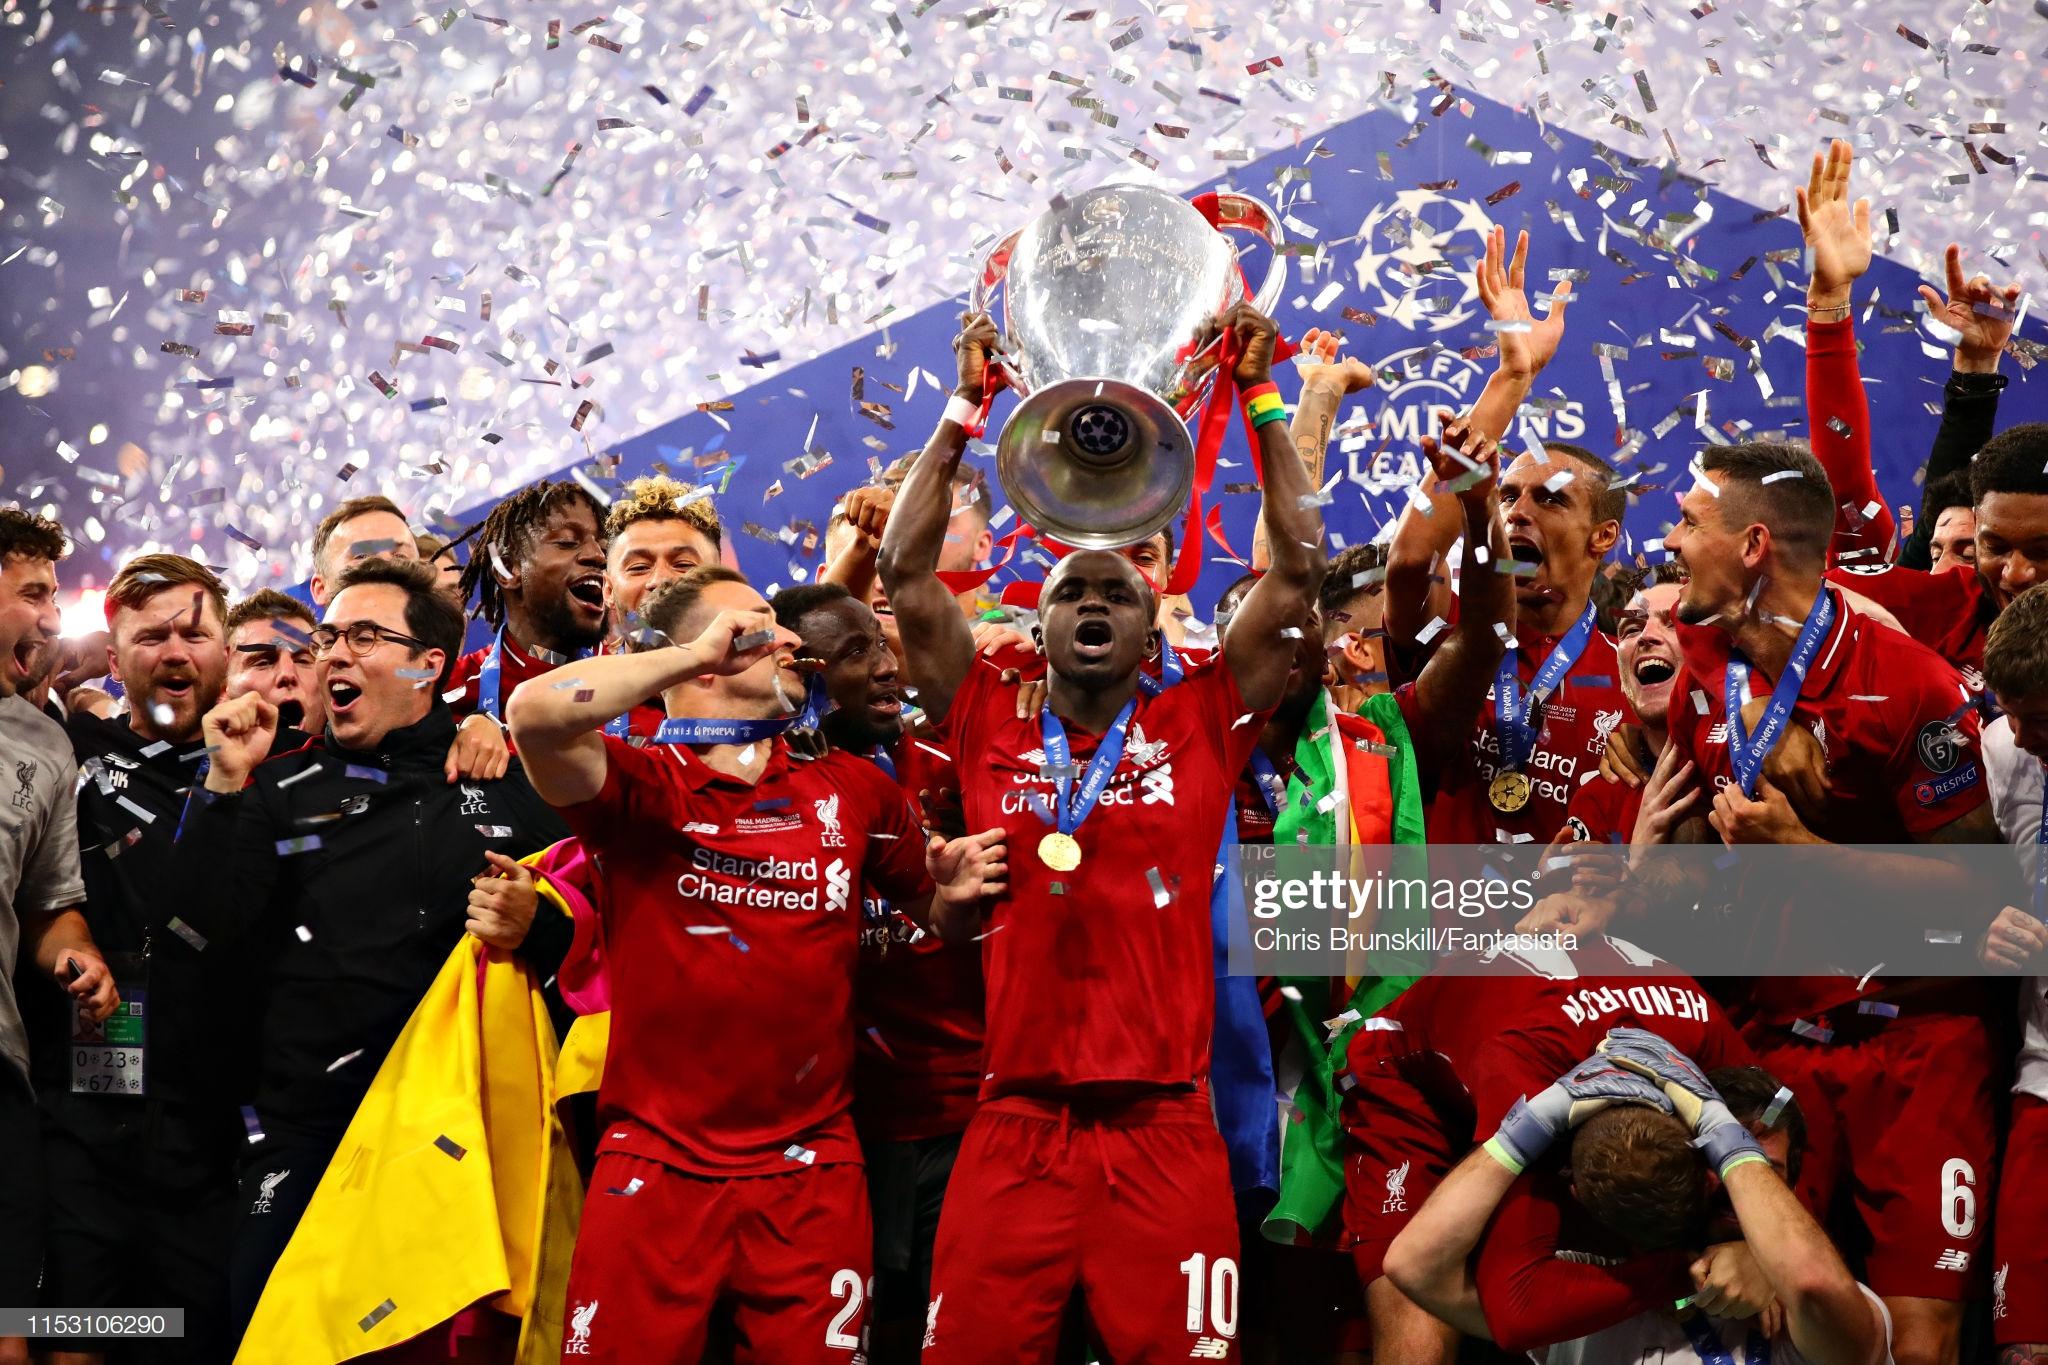 Sadio Mané et le Trophée de la Ligue des Champions avec son Club Liverpool (13)